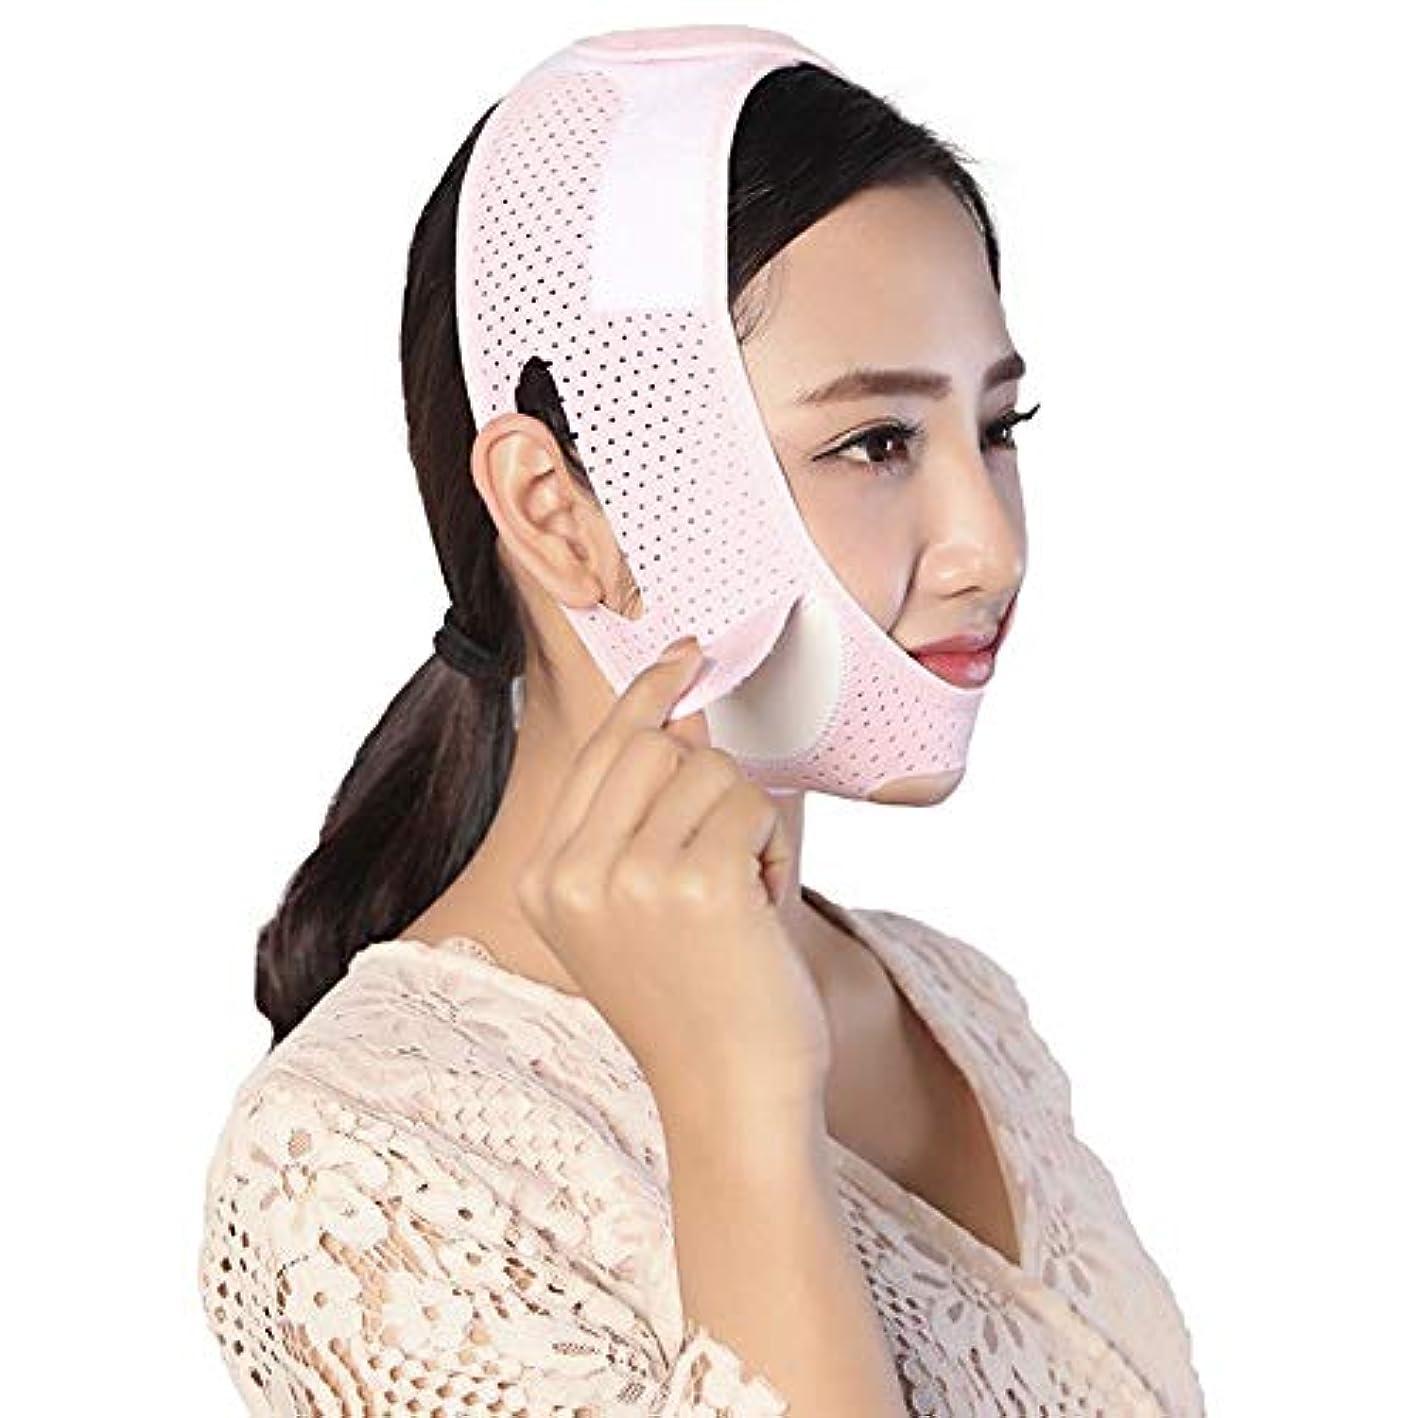 八四半期愛するJia Jia- フェイシャルリフティング痩身ベルト - 圧縮二重あご減量ベルトスキンケア薄い顔包帯 顔面包帯